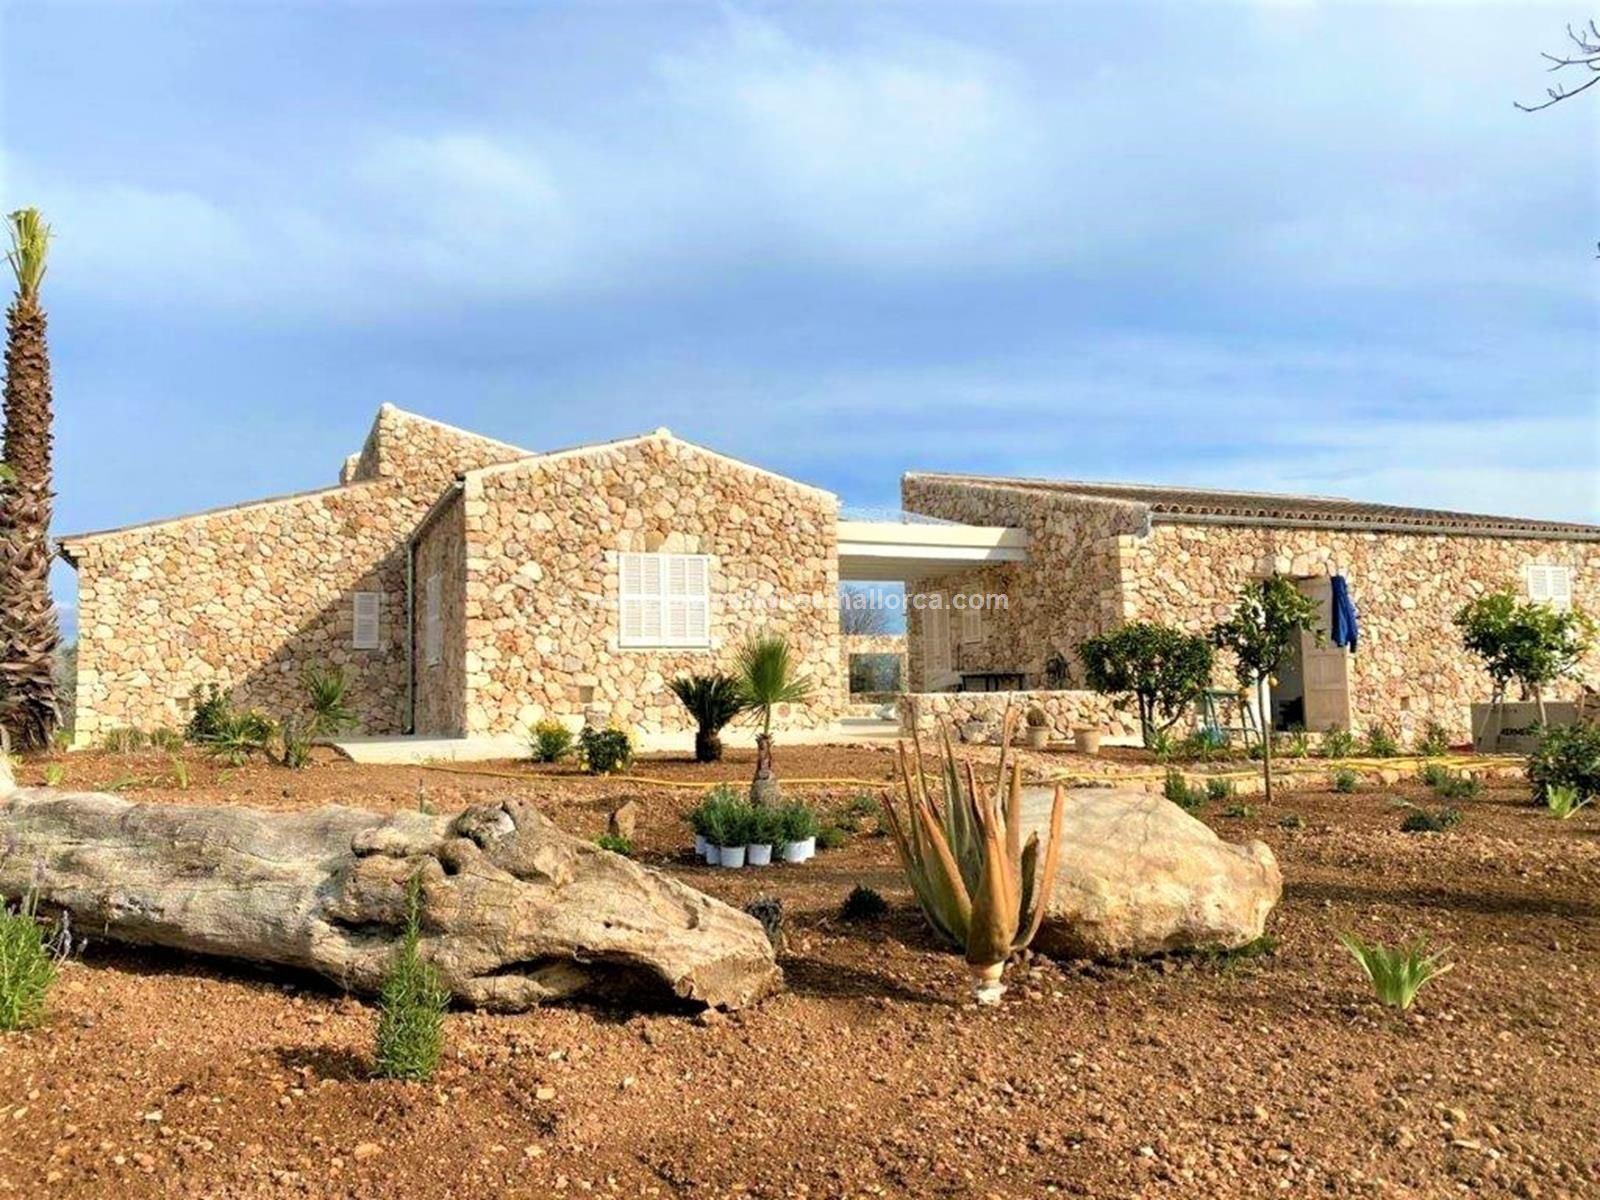 Casa  Petra. Finca de reciente construcción con vistas despejadas.